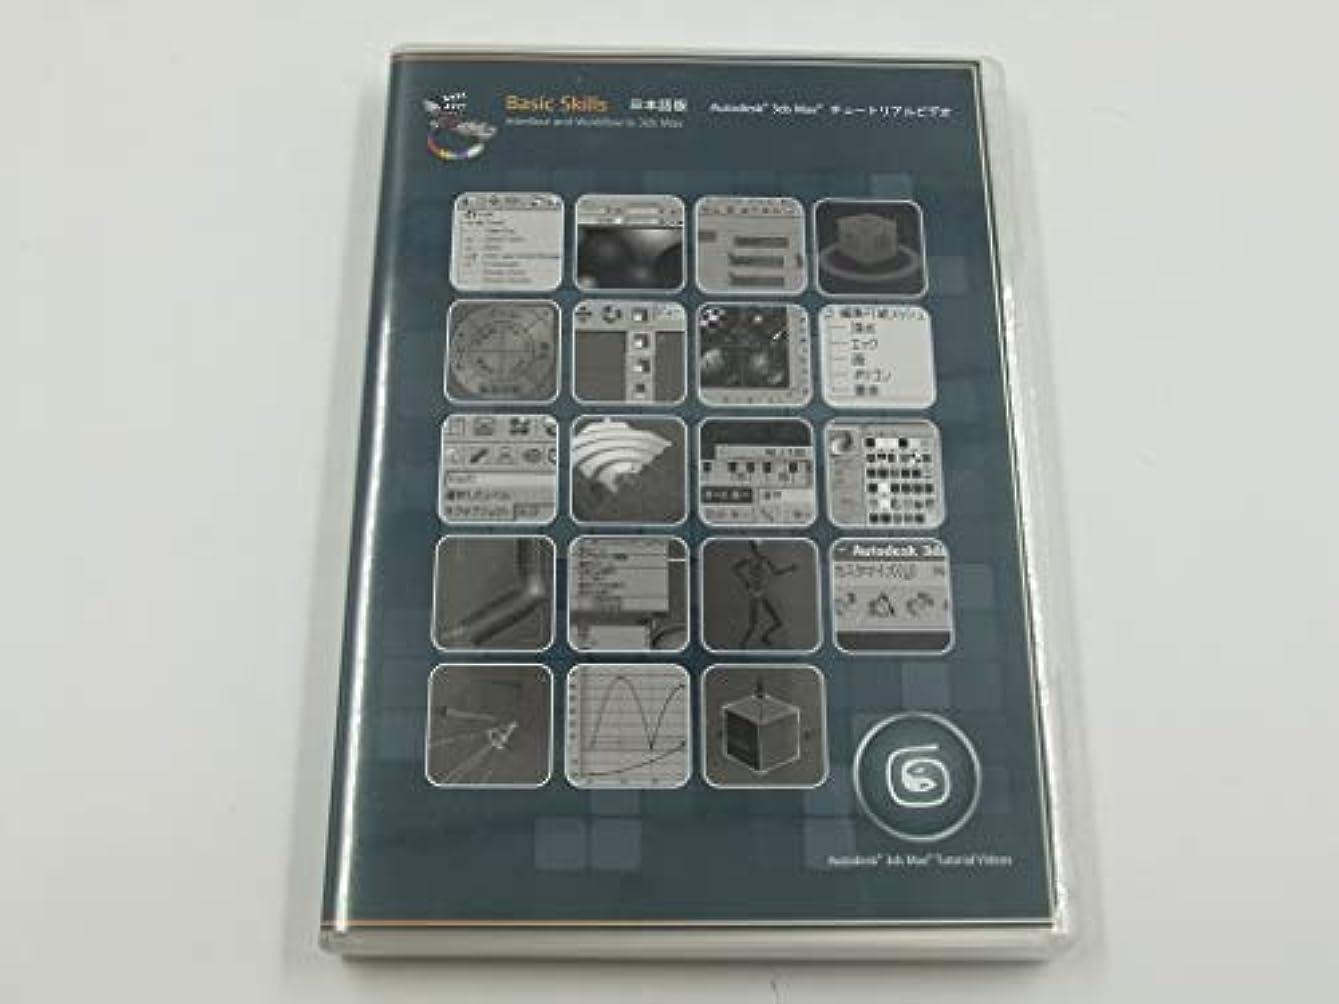 ゆりかごリムひいきにするBasic Skills日本語 Autodesk Maxチュートリアル